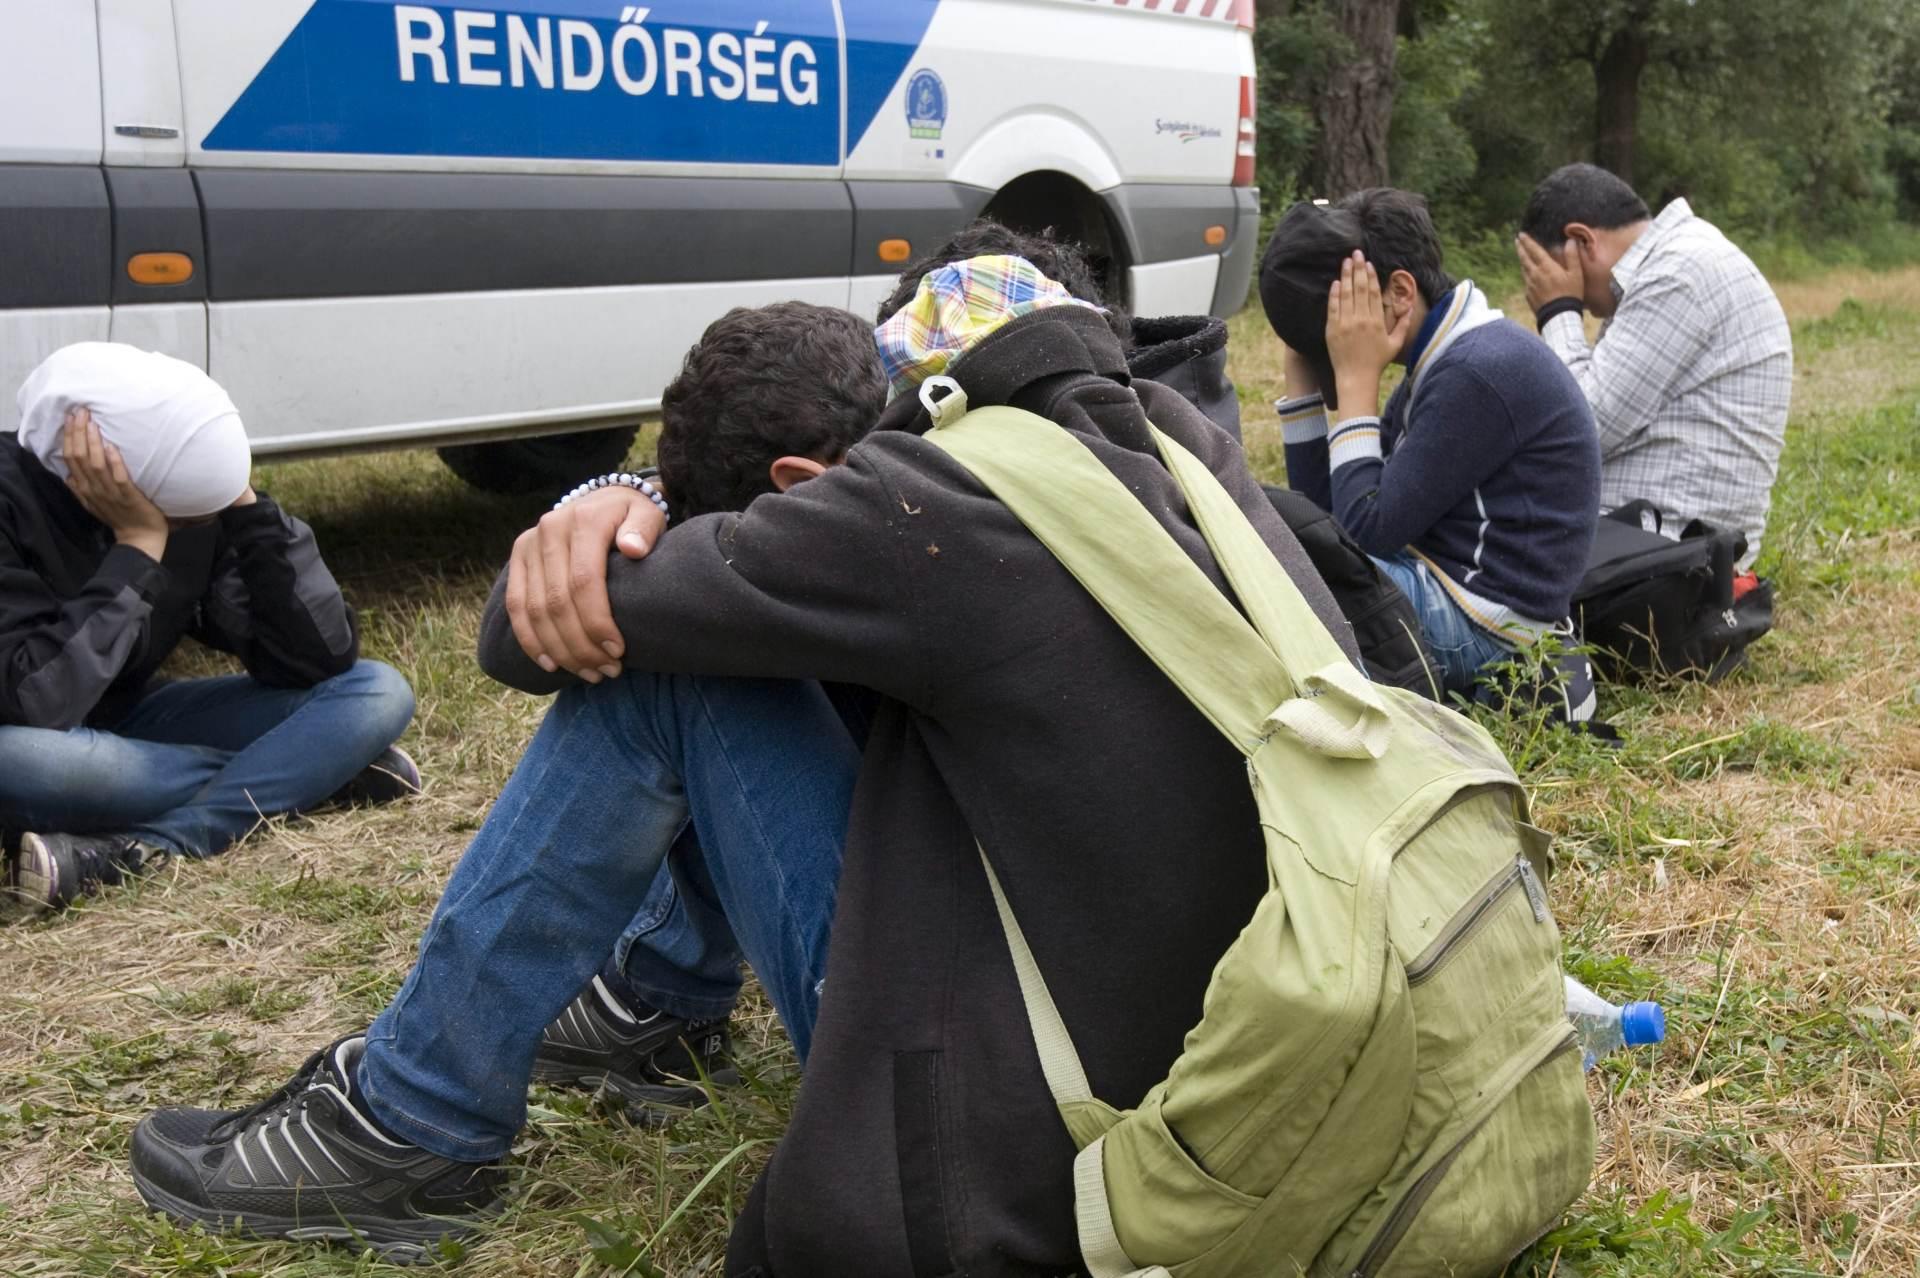 I DALJE PO SVOME: Mađarska jednostrano suspendirala propise EU-a o azilu